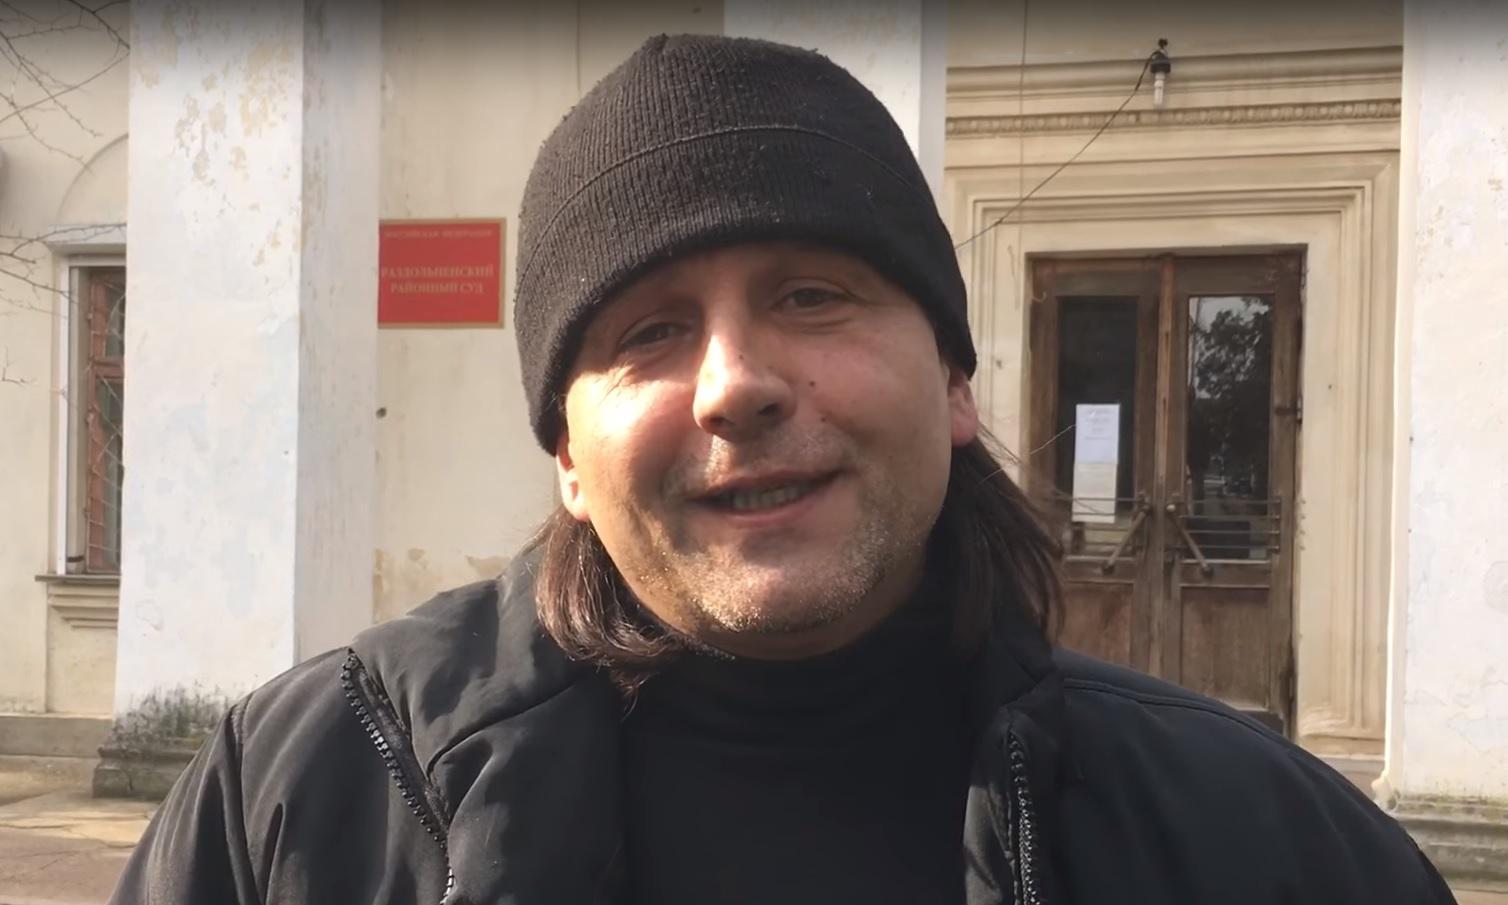 Нахождение украинца Владимира Балуха под стражей угрожает его здоровью